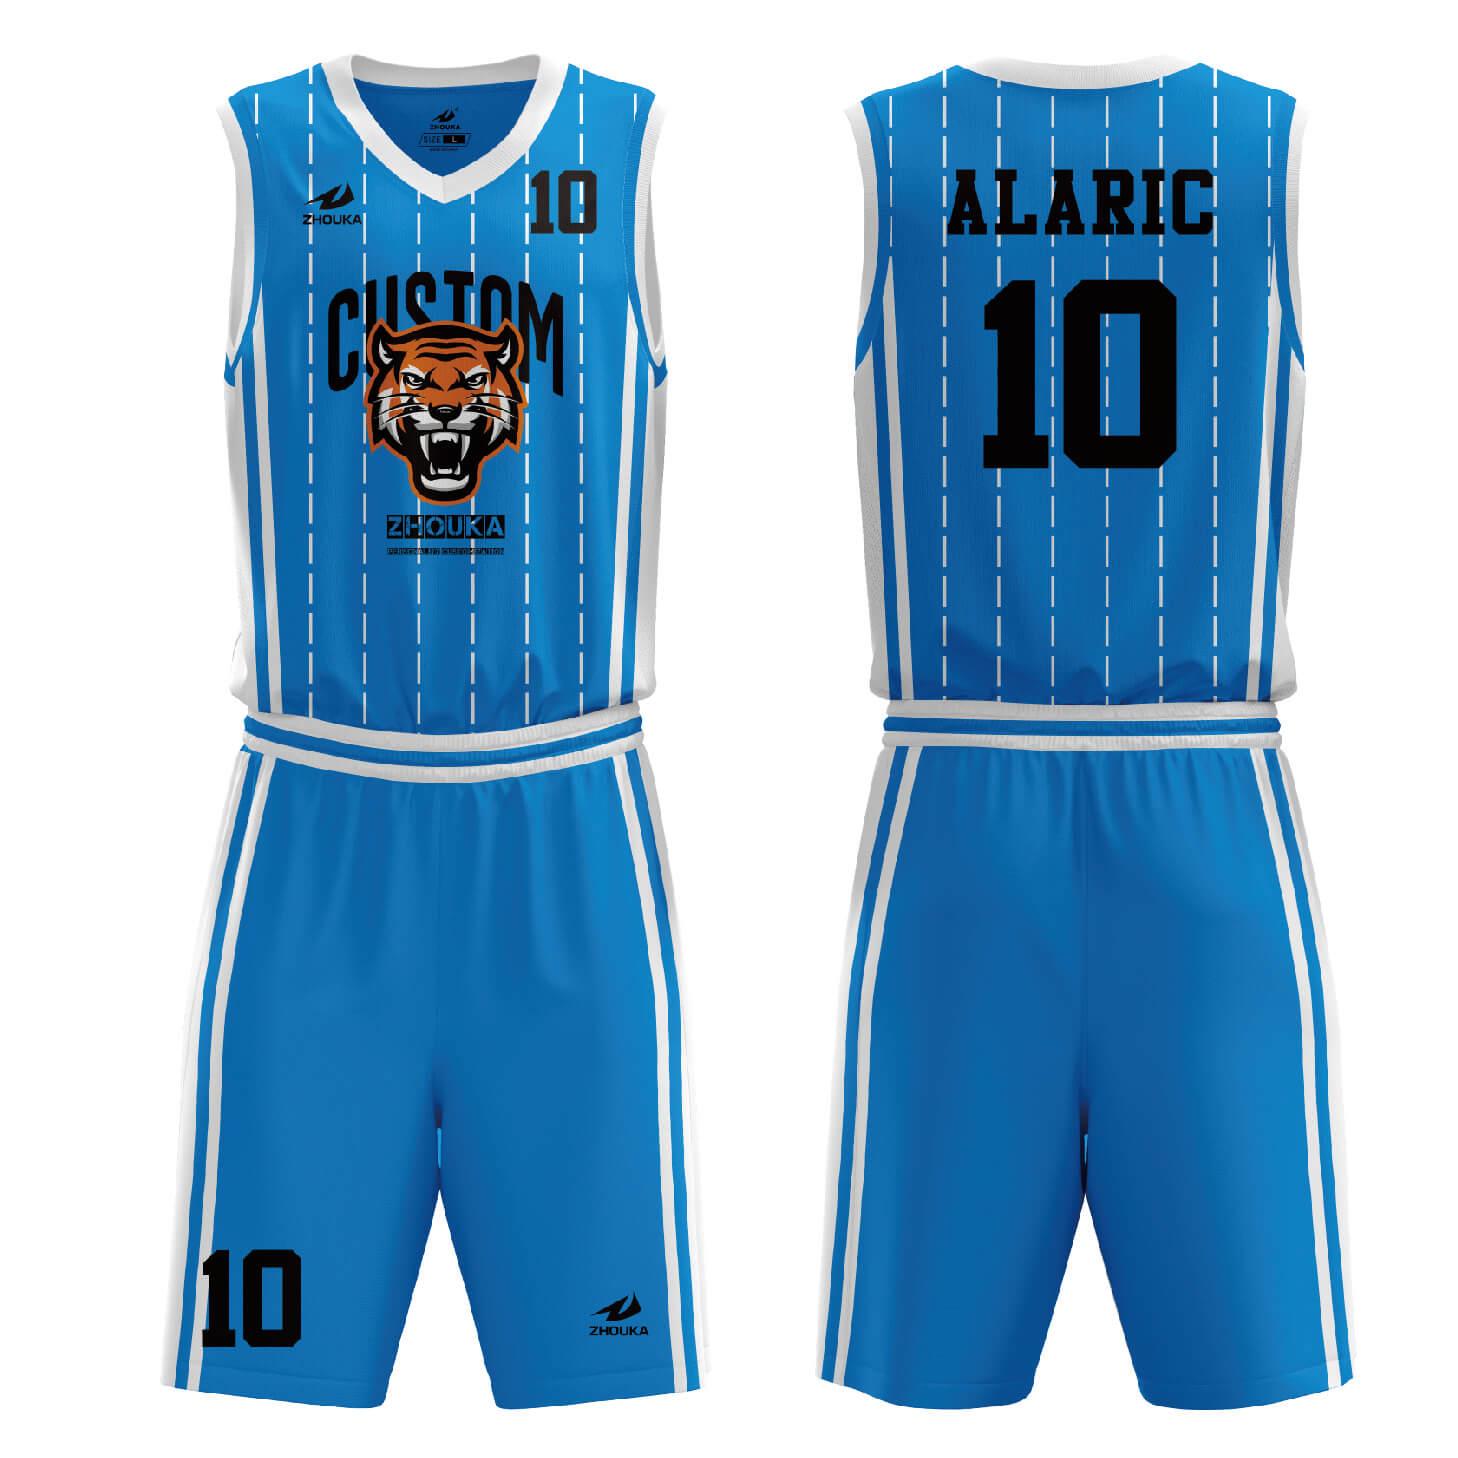 篮球服装最新款篮球球衣和短裤设计热升华篮球服